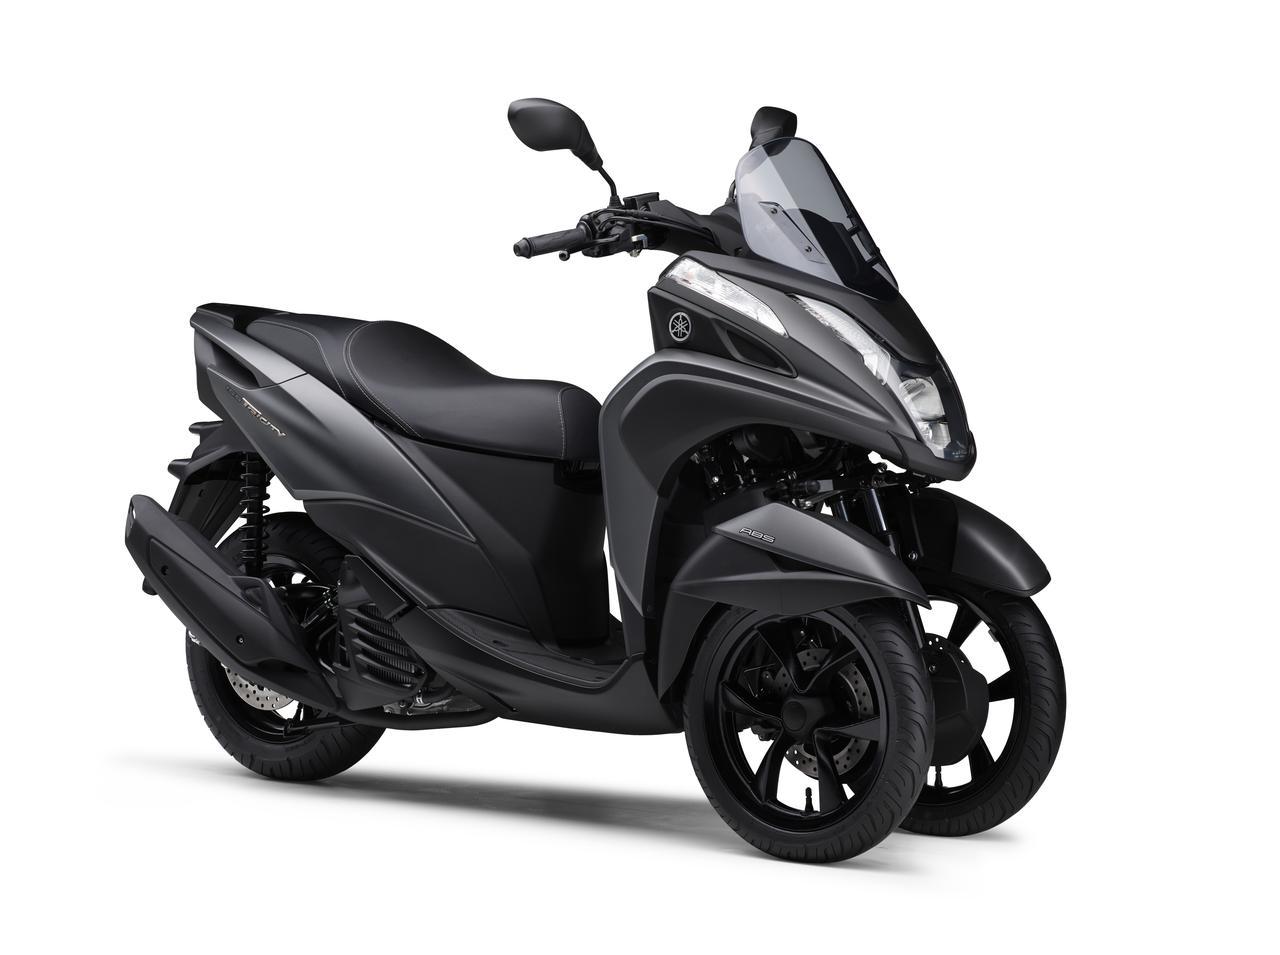 画像3: ヤマハ「トシリティ155 ABS」【1分で読める 2021年に新車で購入可能な150ccバイク紹介】